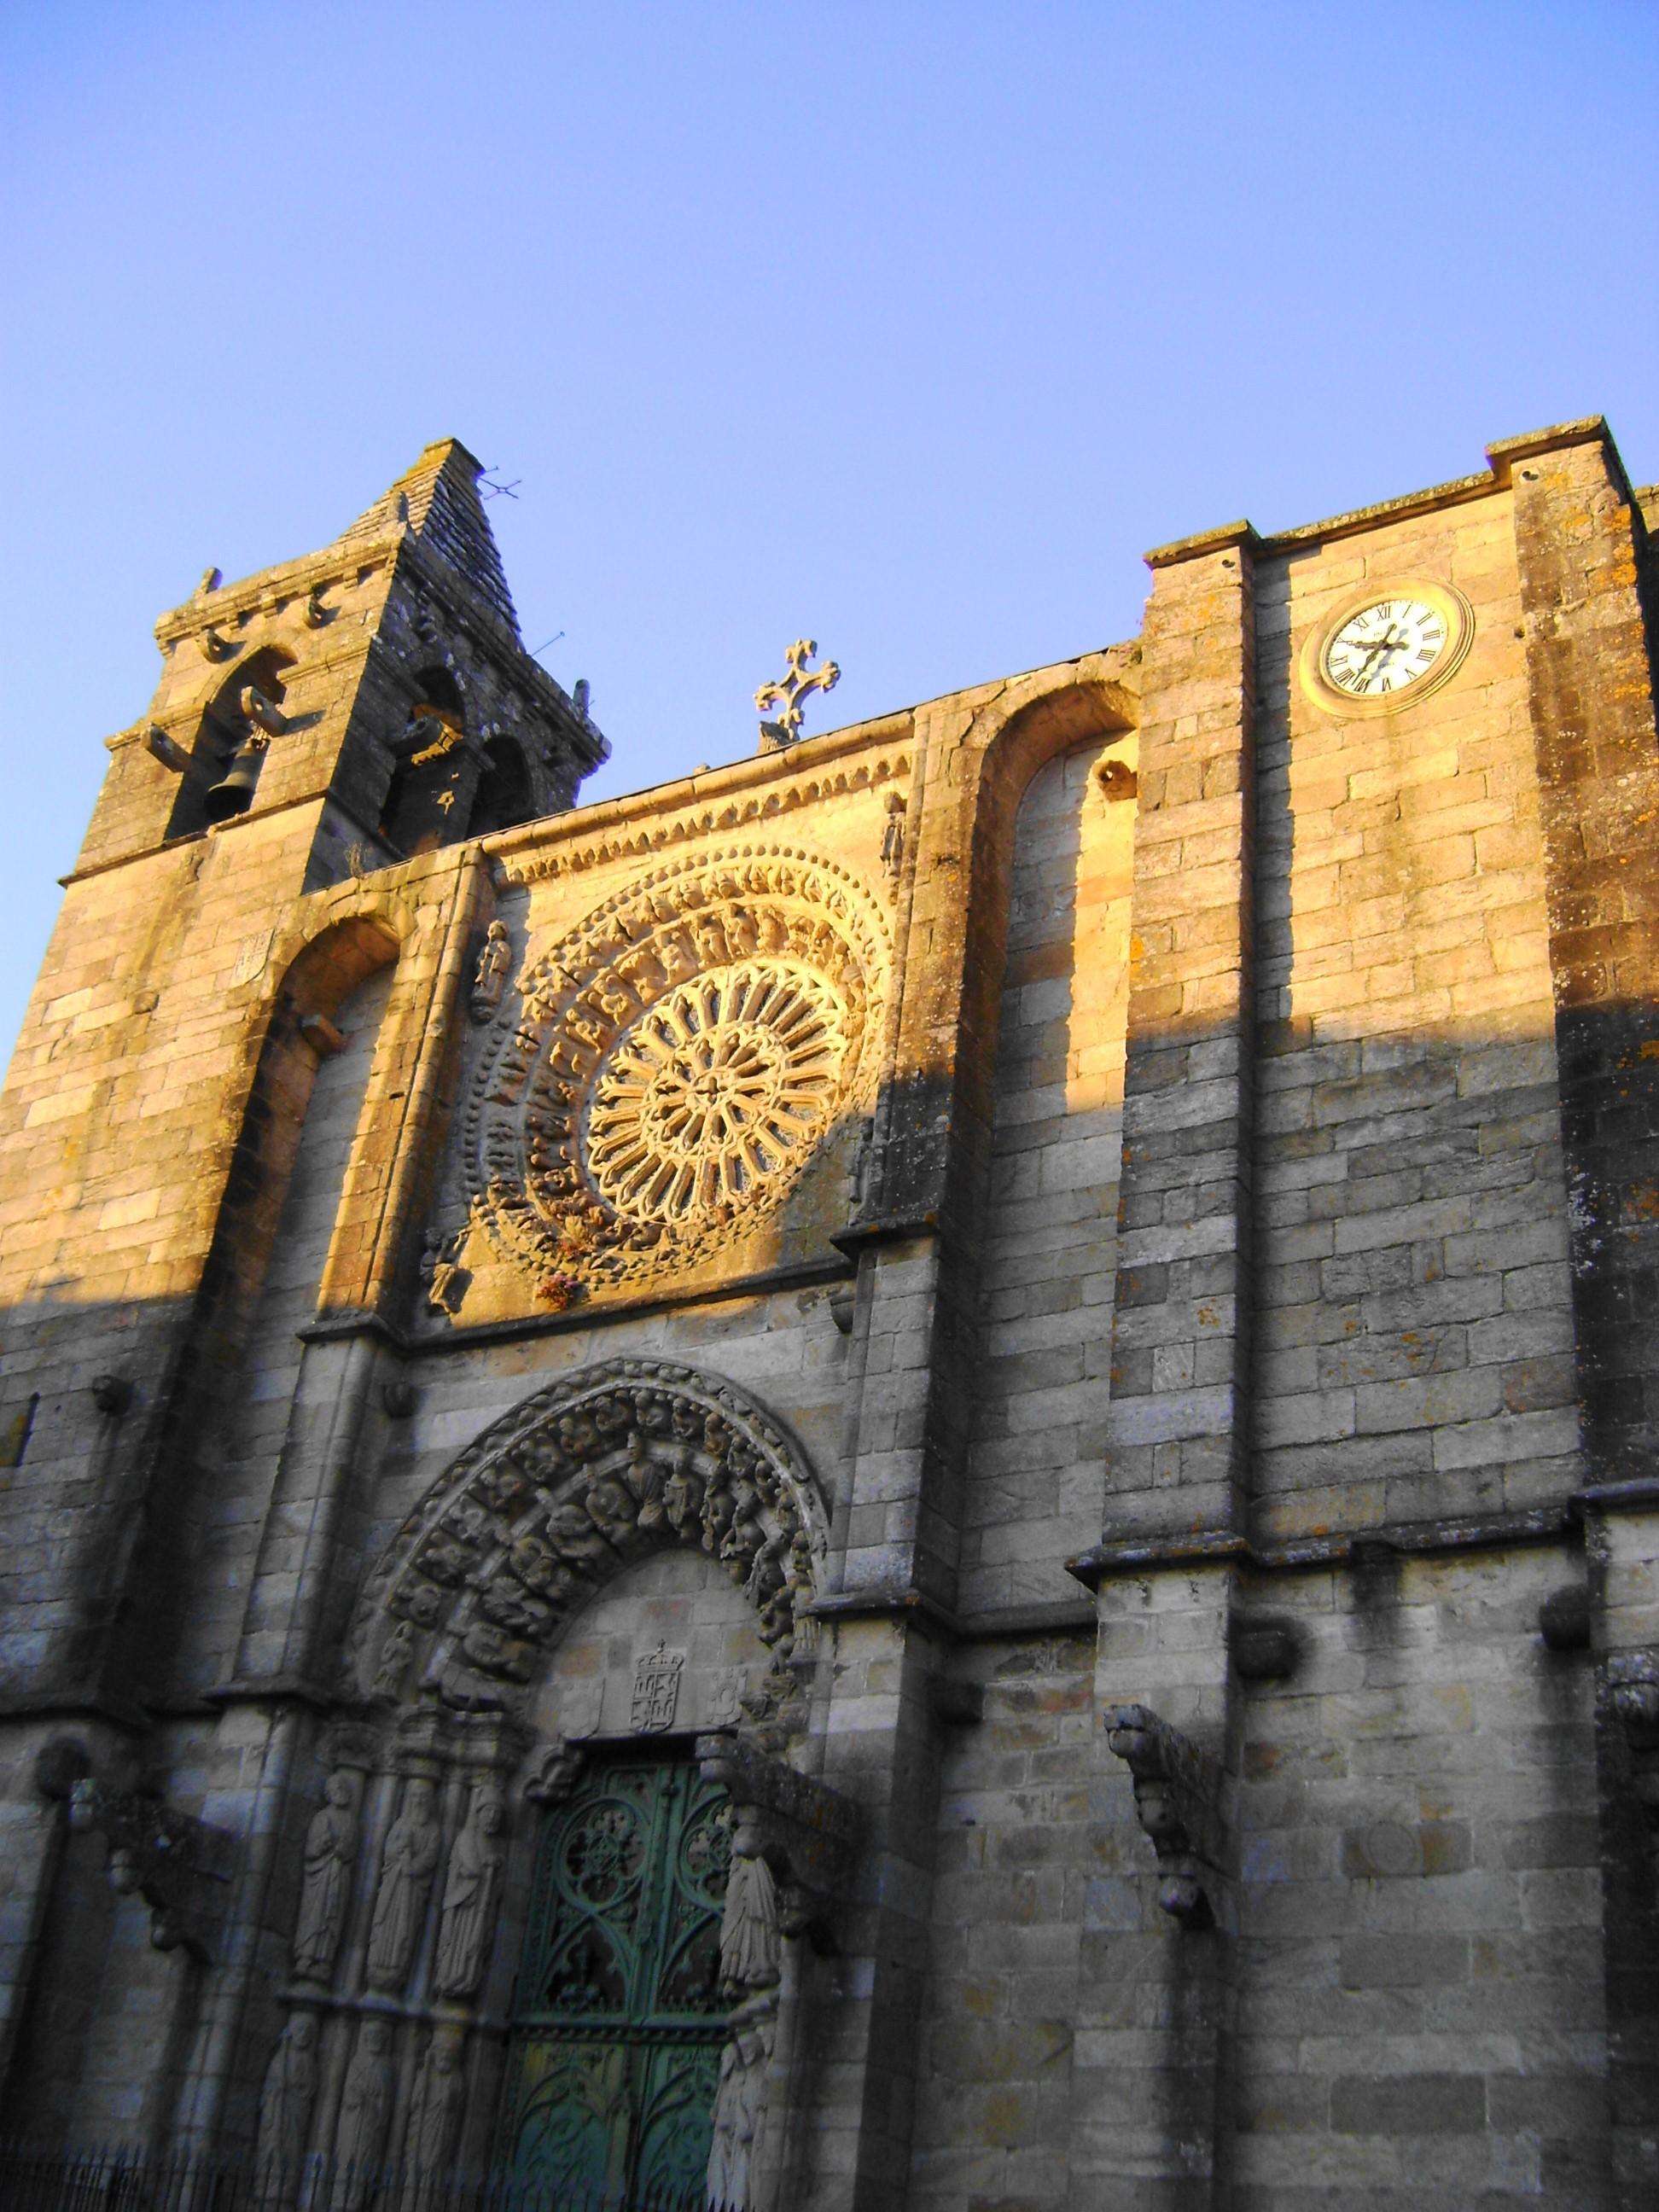 La Iglesia de San Martiño es uno de los lugares más emblemáticos de Noia |©Paula Martínez Graña